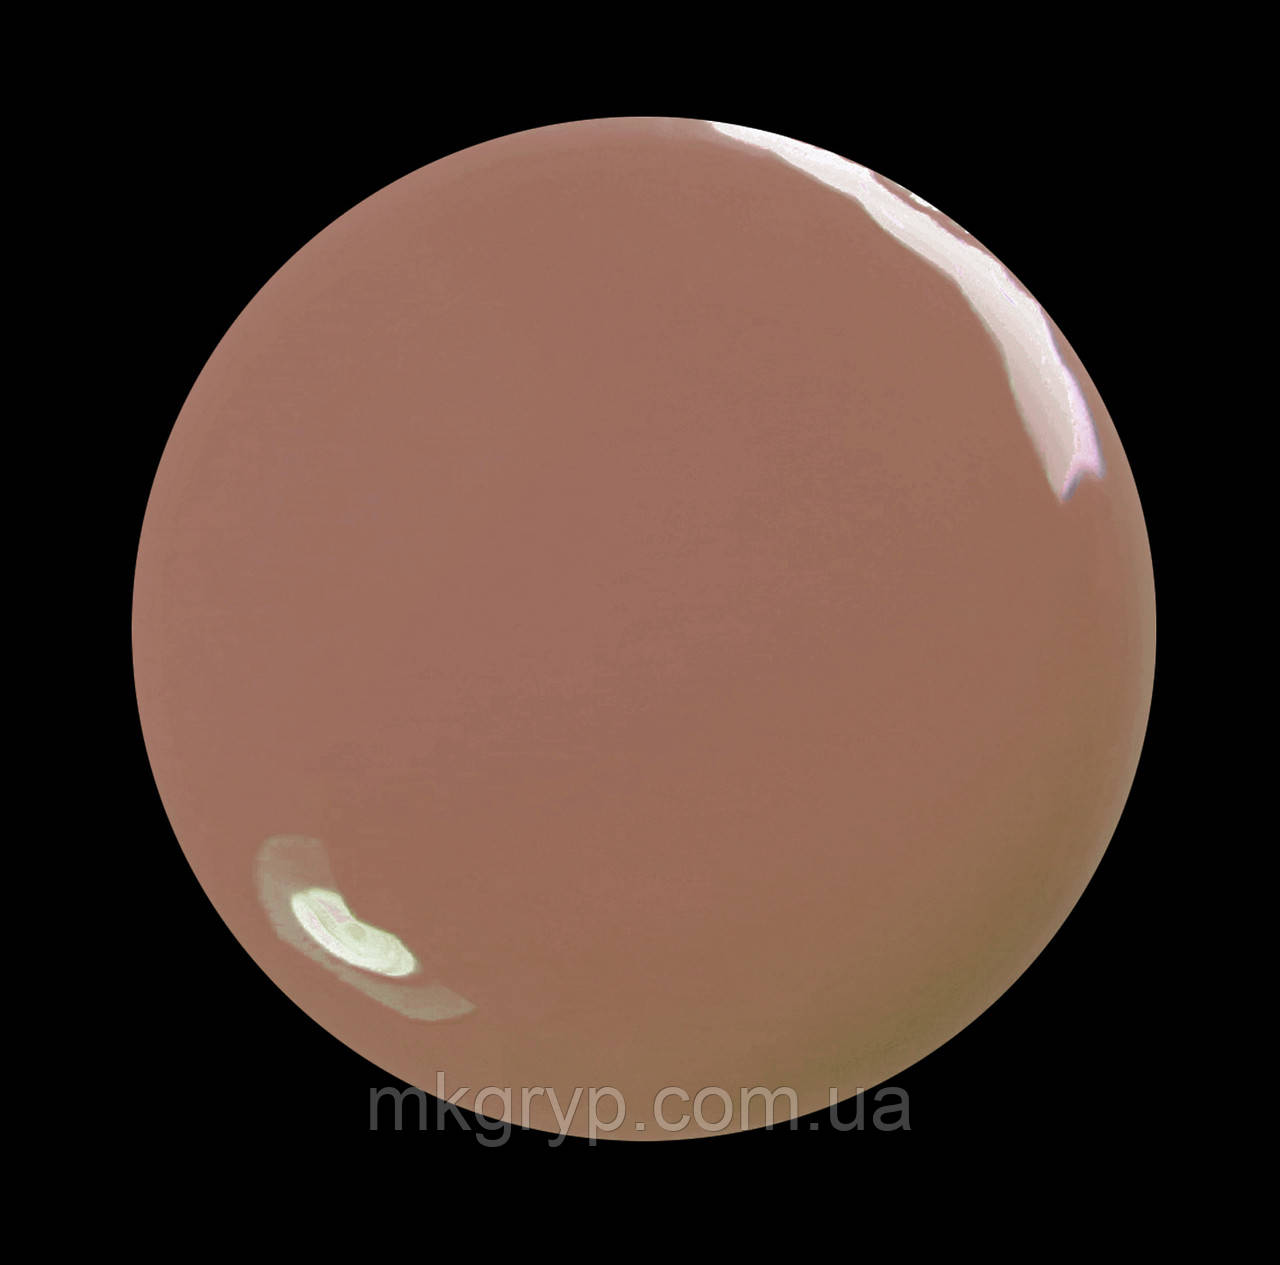 Гель-лак для  ногтей  SALON PROFESSIONAL № 164 (CША) 17 молочно-бежевый  эмаль